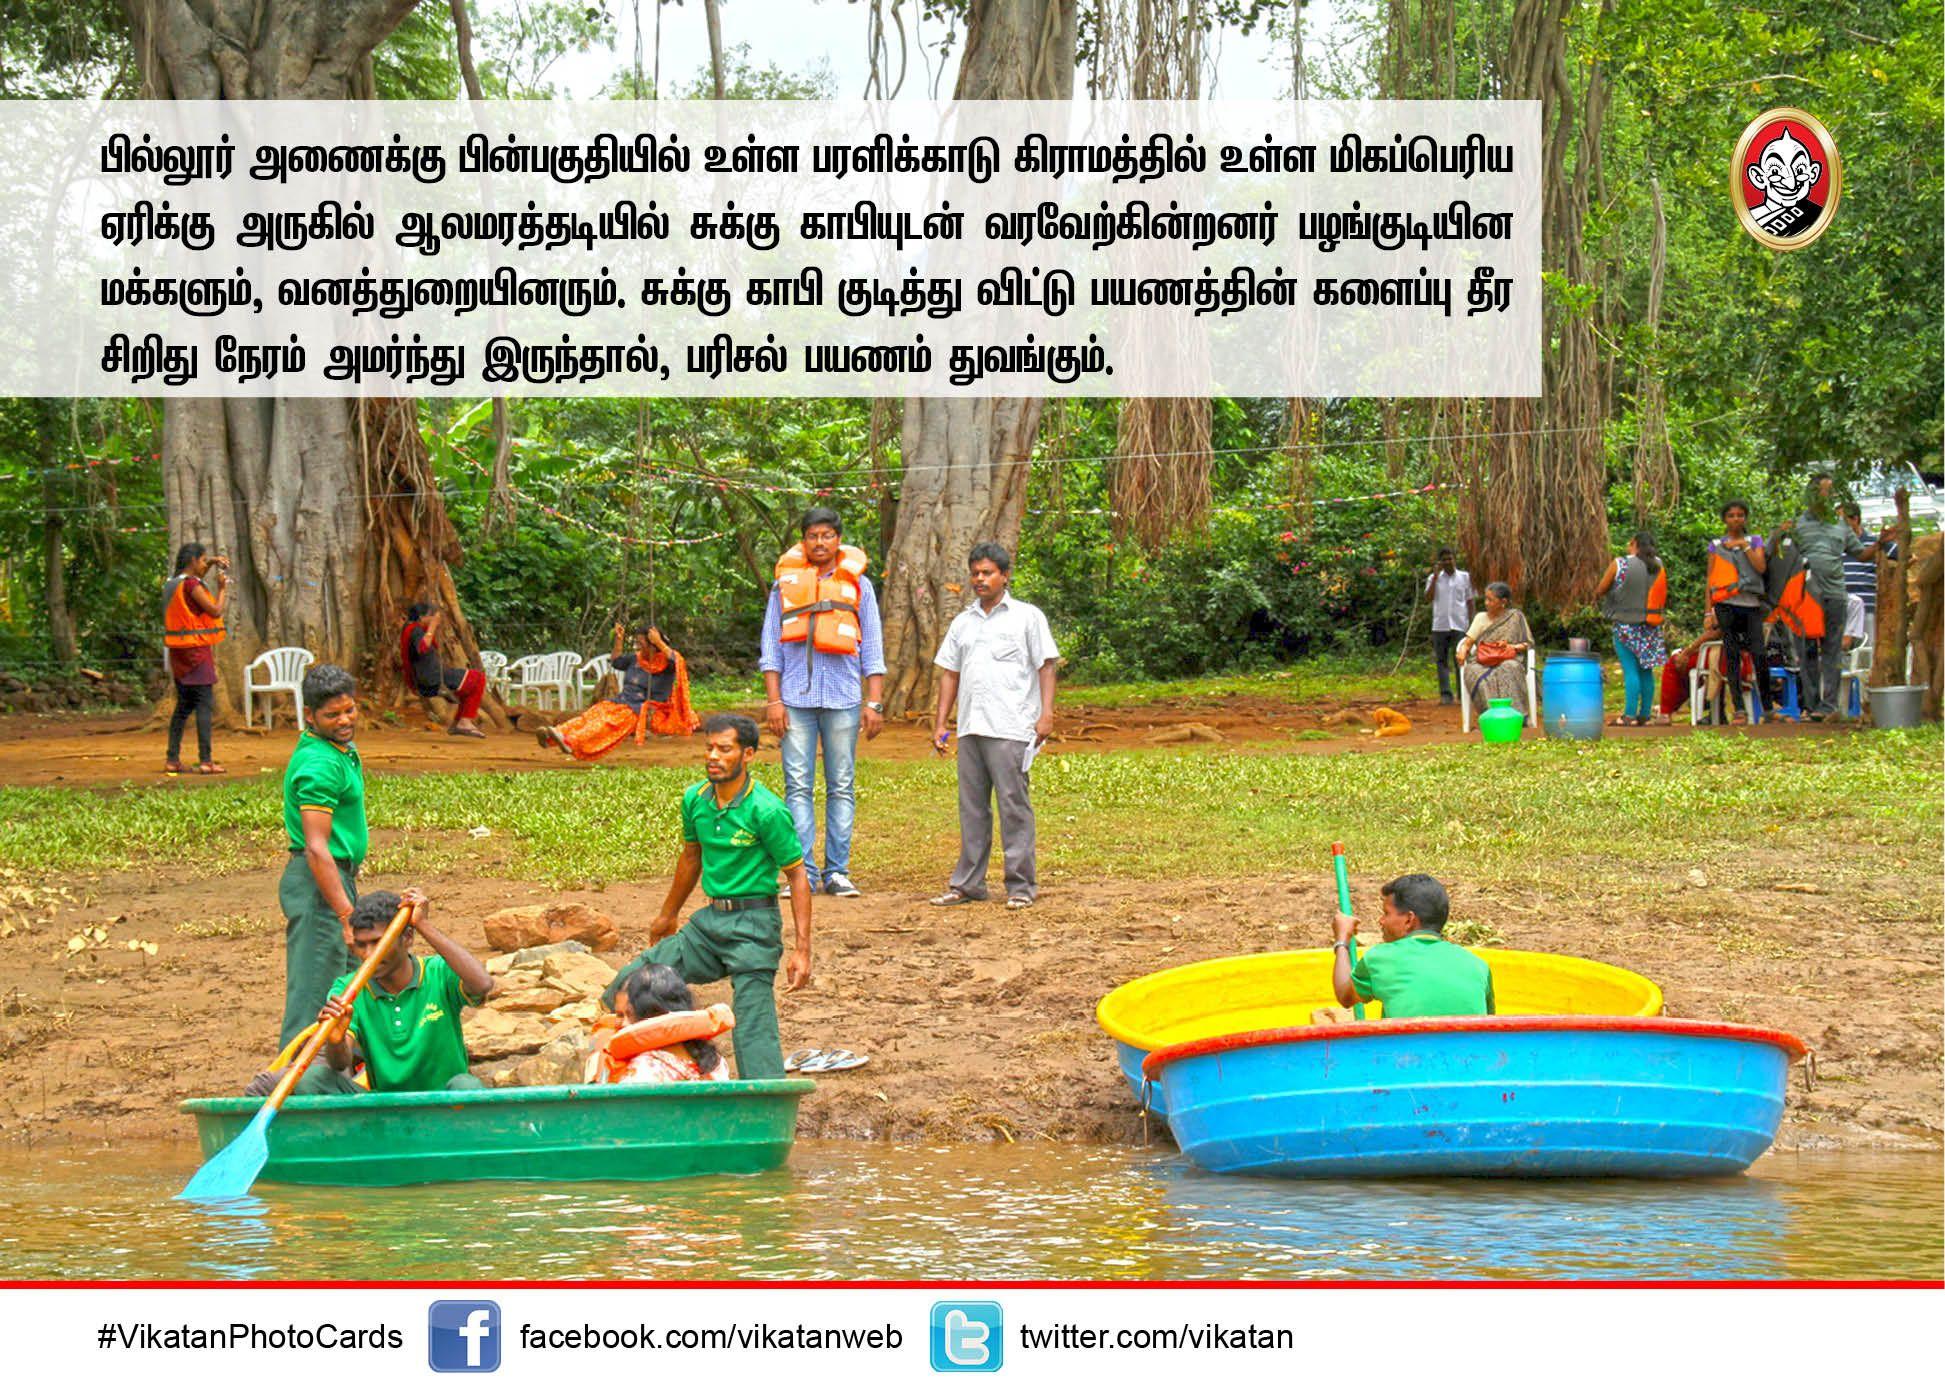 சுத்தமான காற்றும் மாசுபடாத சுற்றுச்சூழலும்... பரளிக்காடுக்கு ஒரு விஷுவல் டூர்! #VikatanPhotoCards